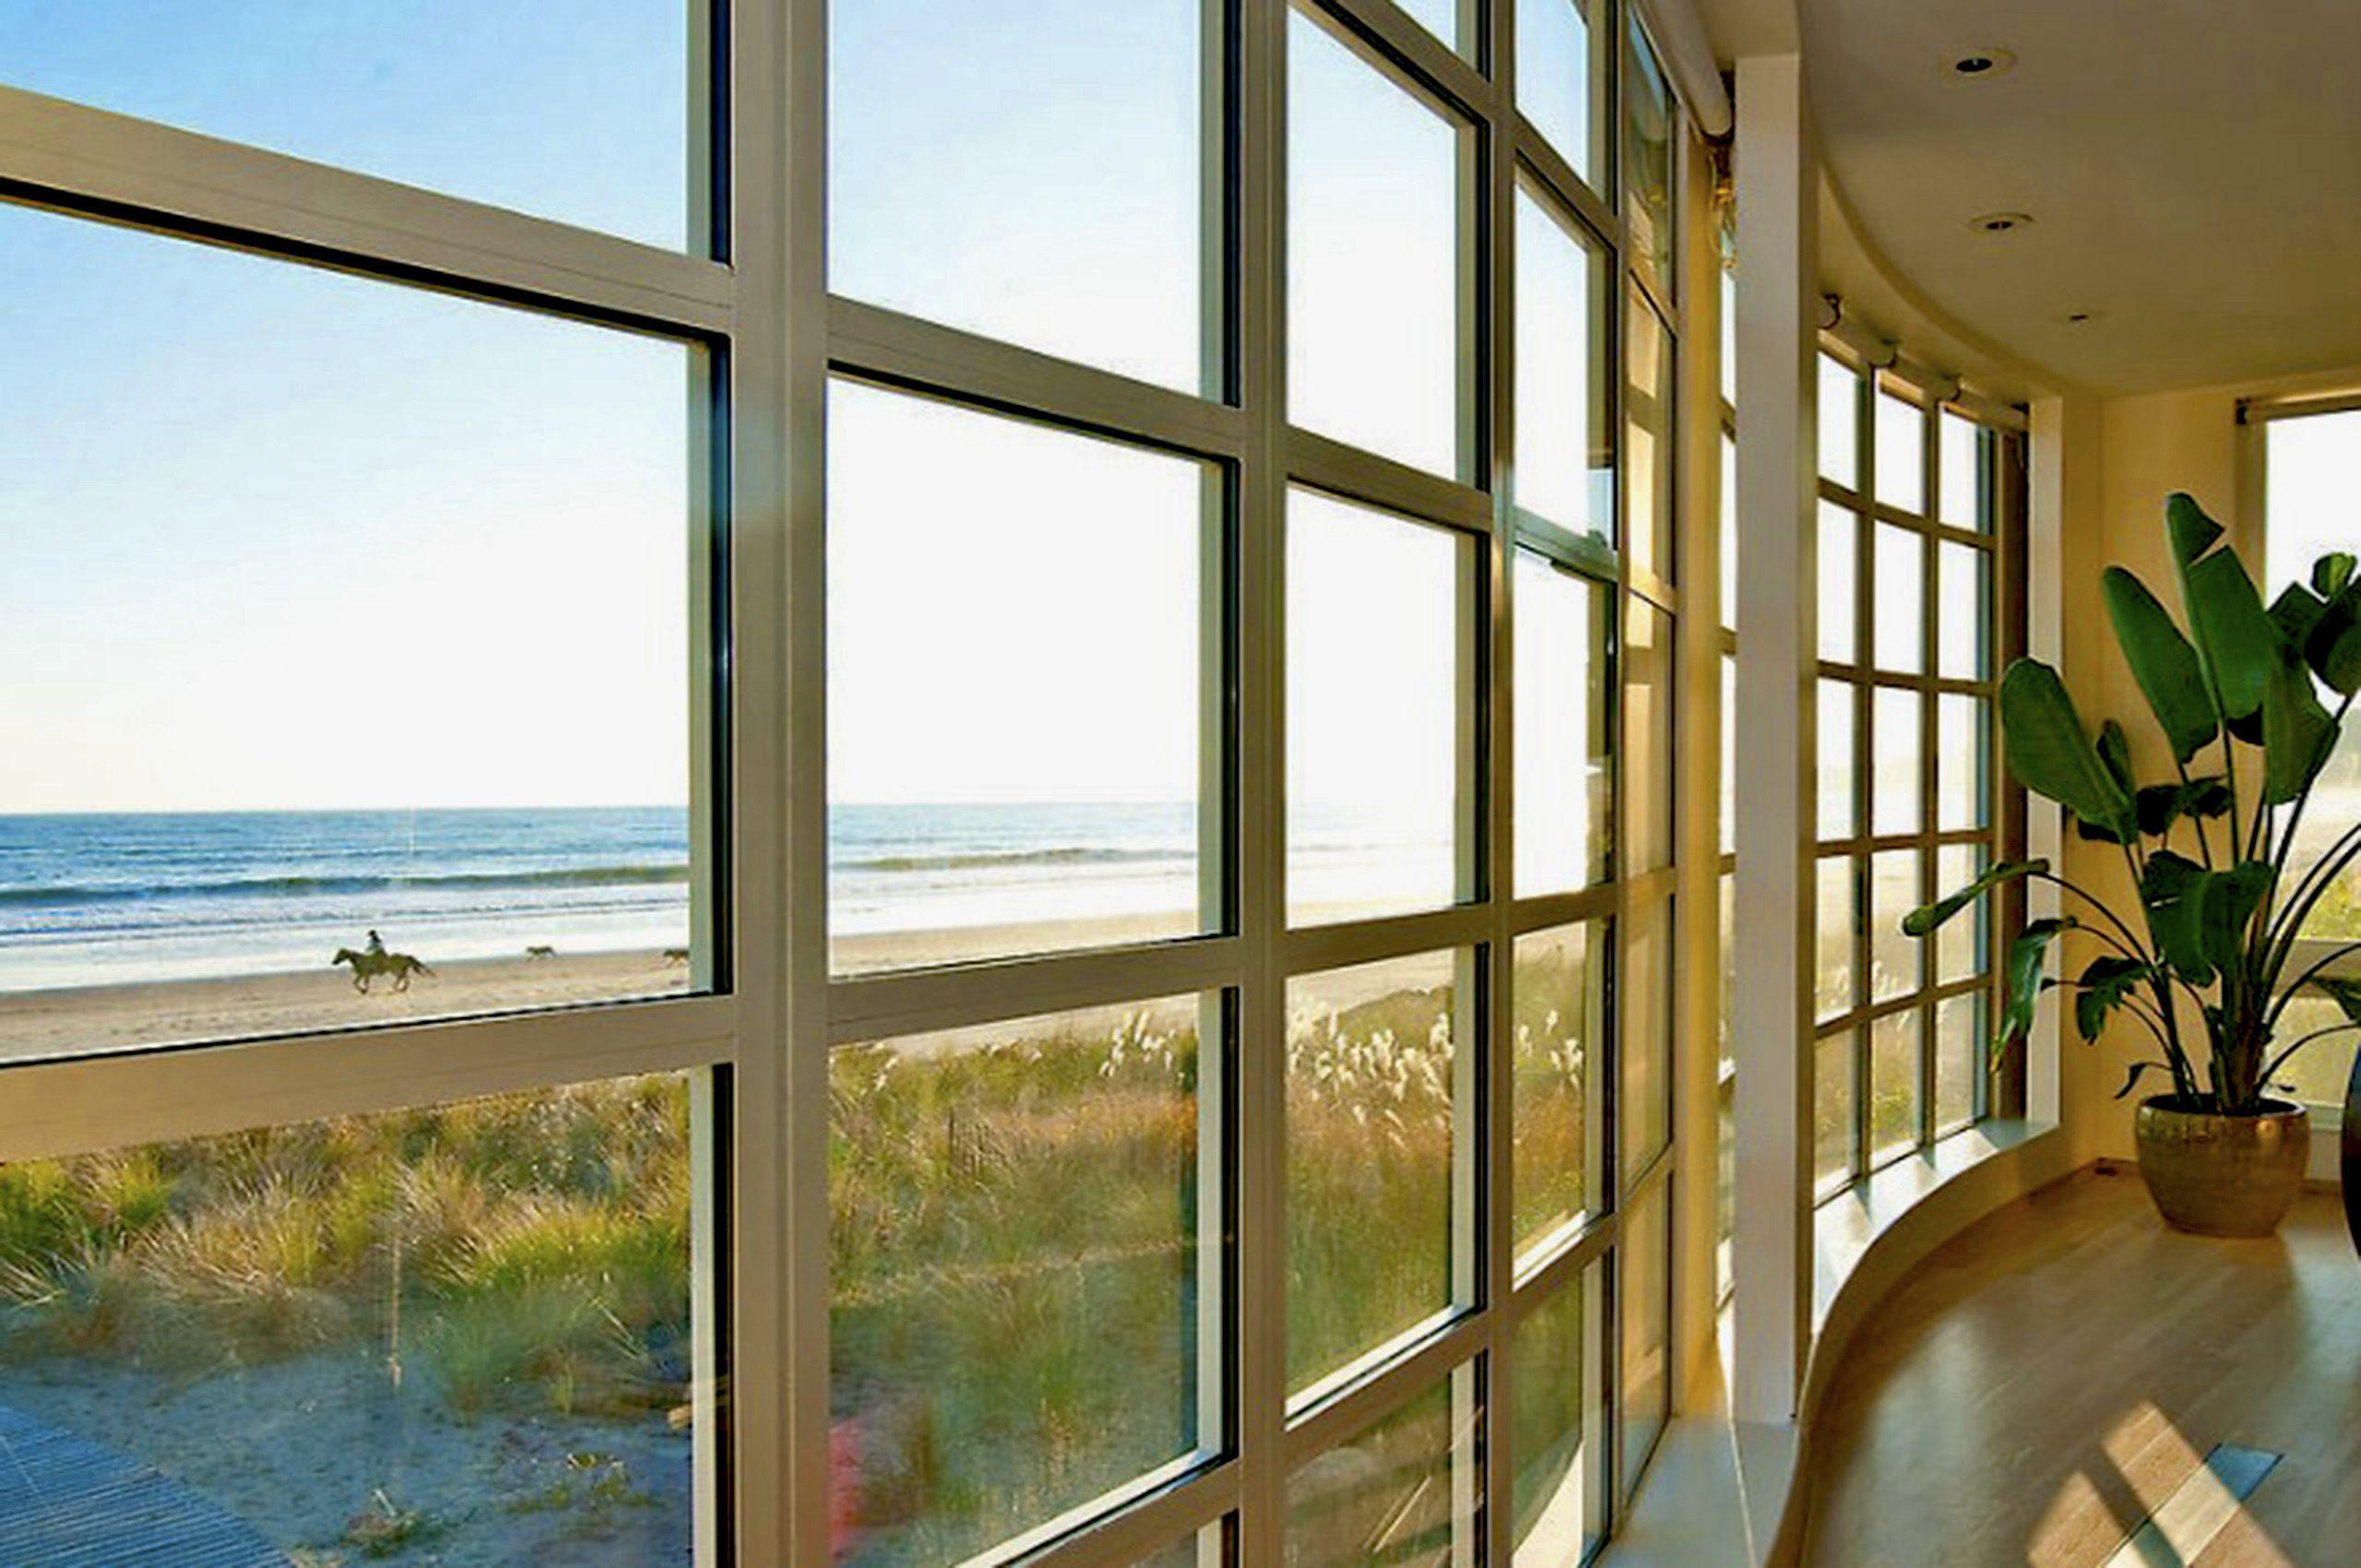 Ocean Interior Wall 1 FINAL.jpg